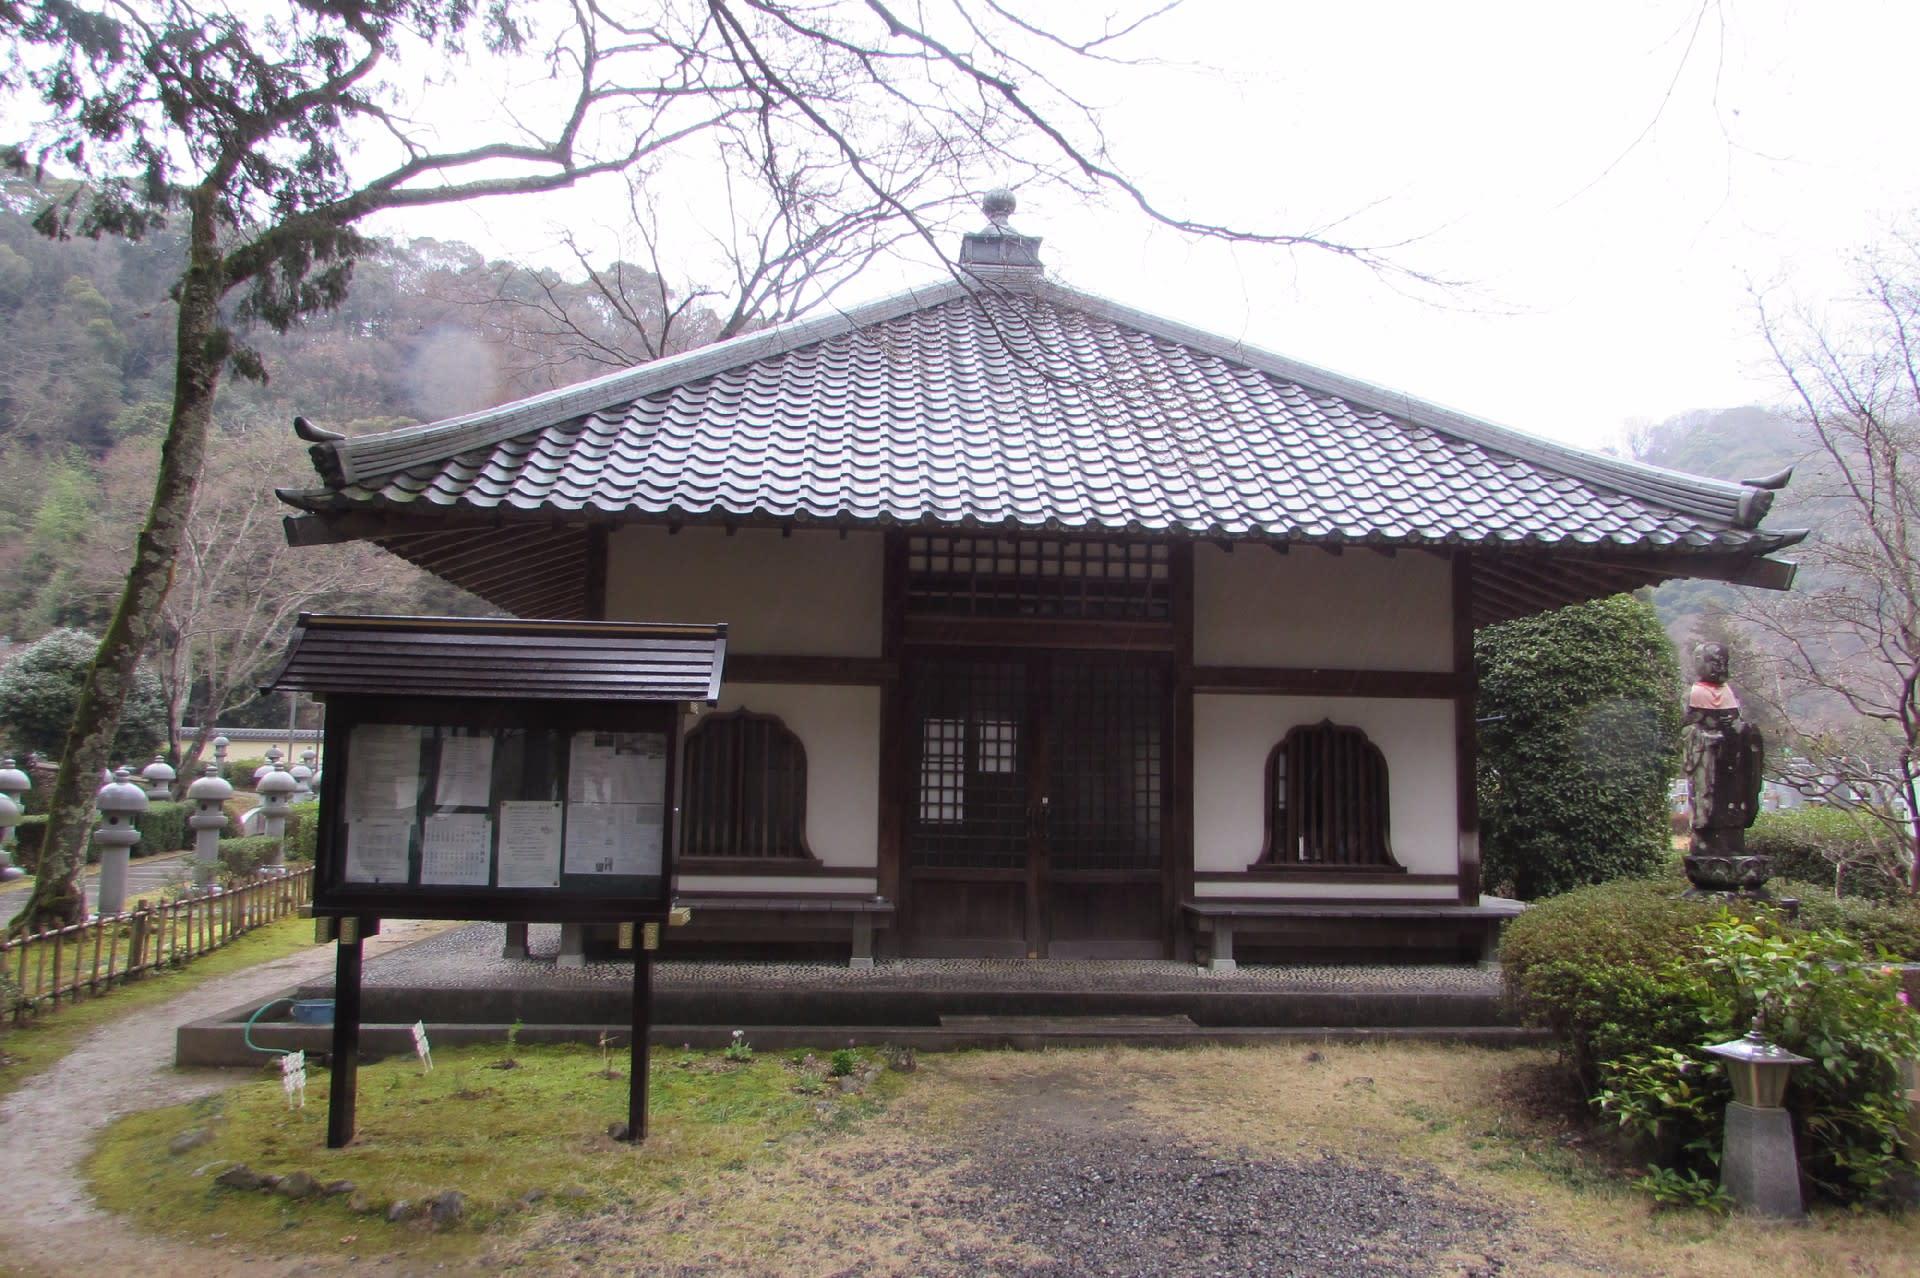 伊居太神社 (池田市)